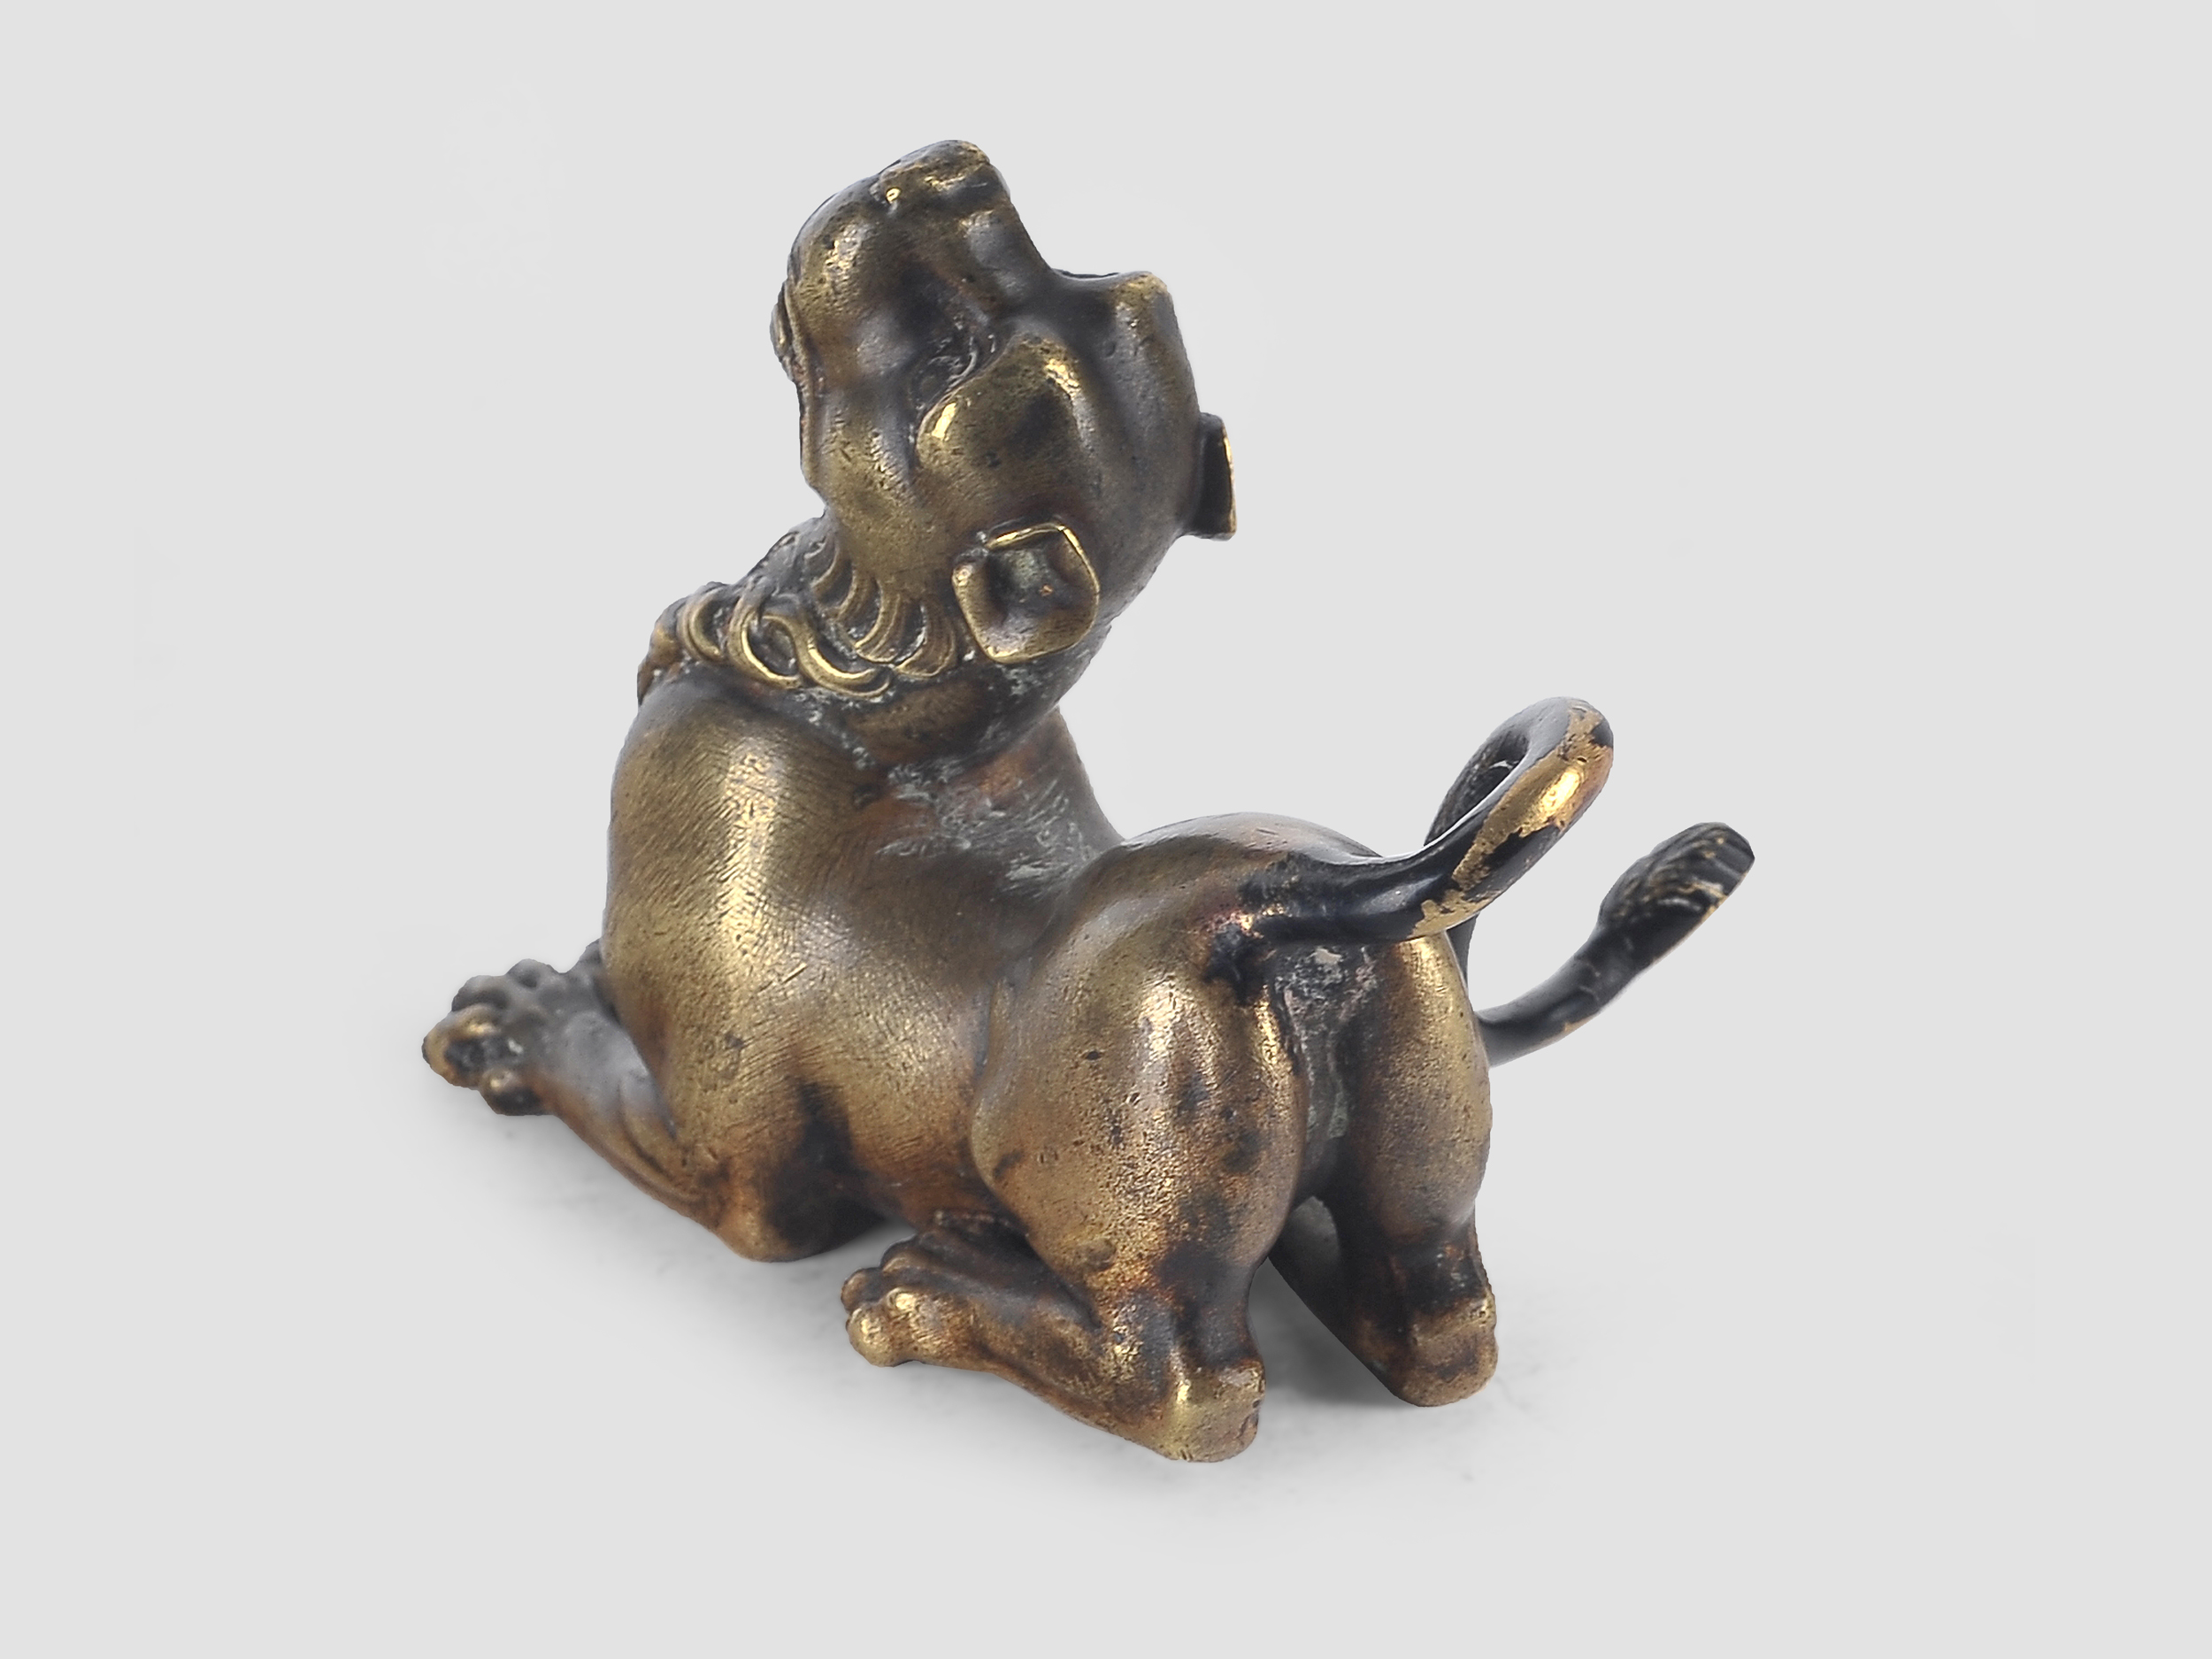 Liegender Löwe, Bronze, 16. / 19. Jahrhundert - Image 3 of 5